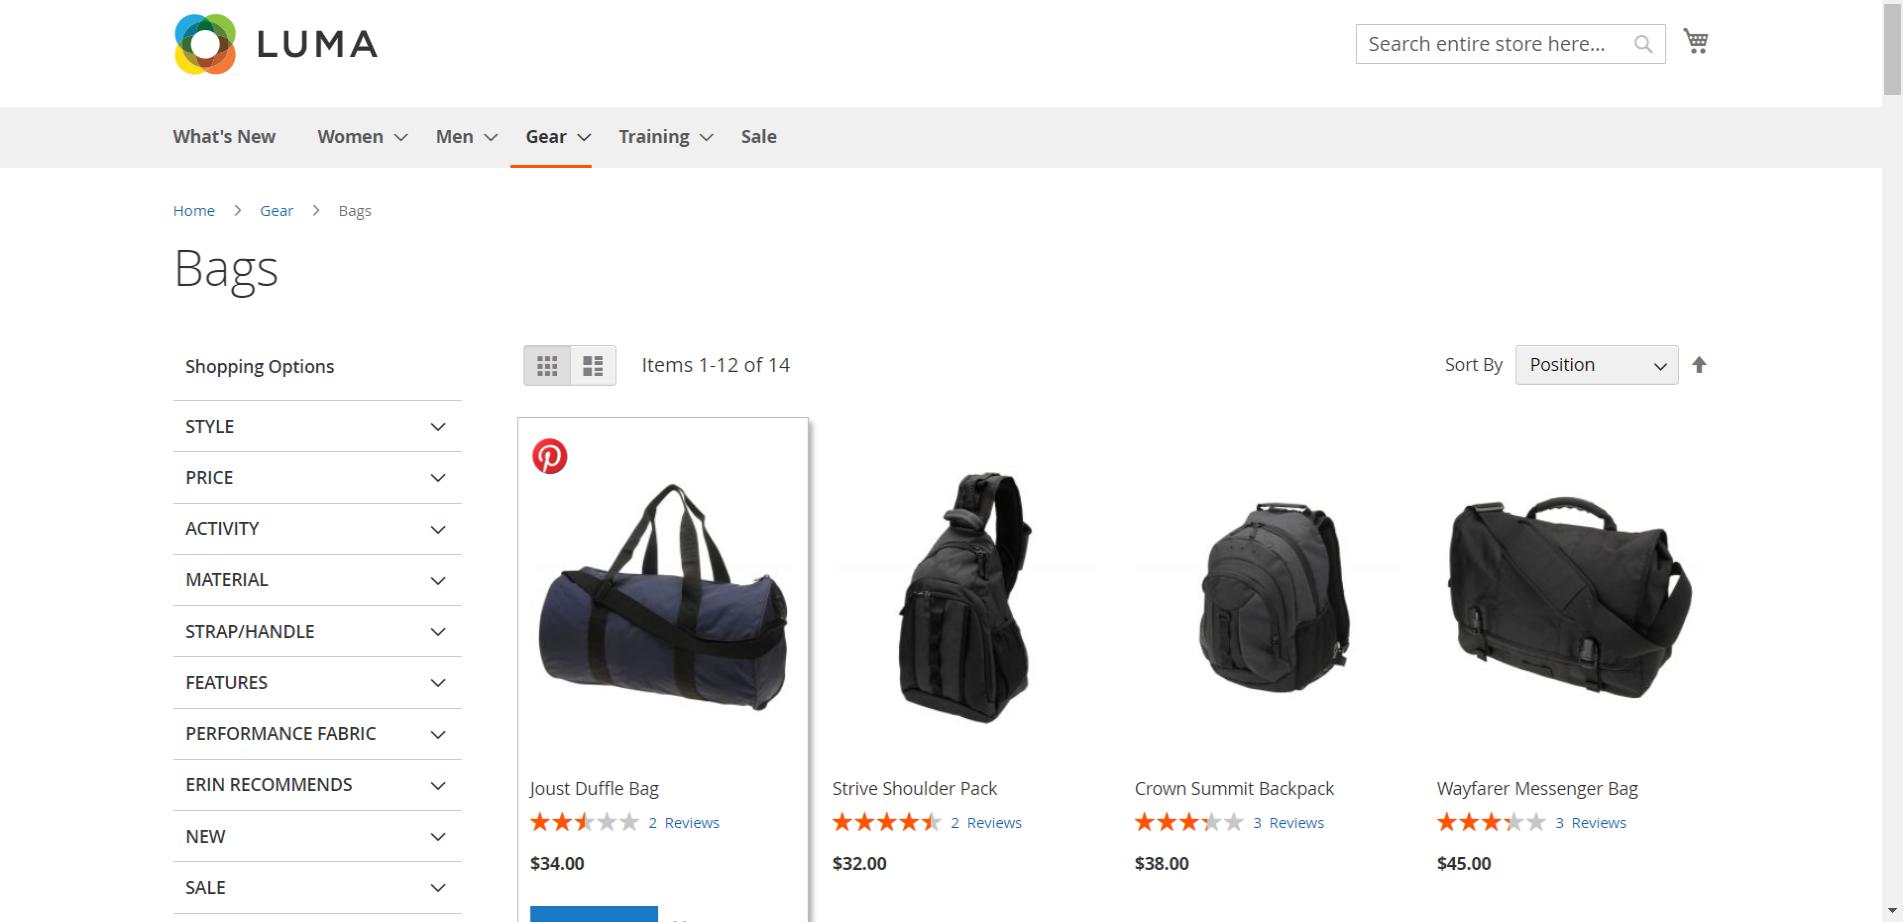 Bags-Gear-1